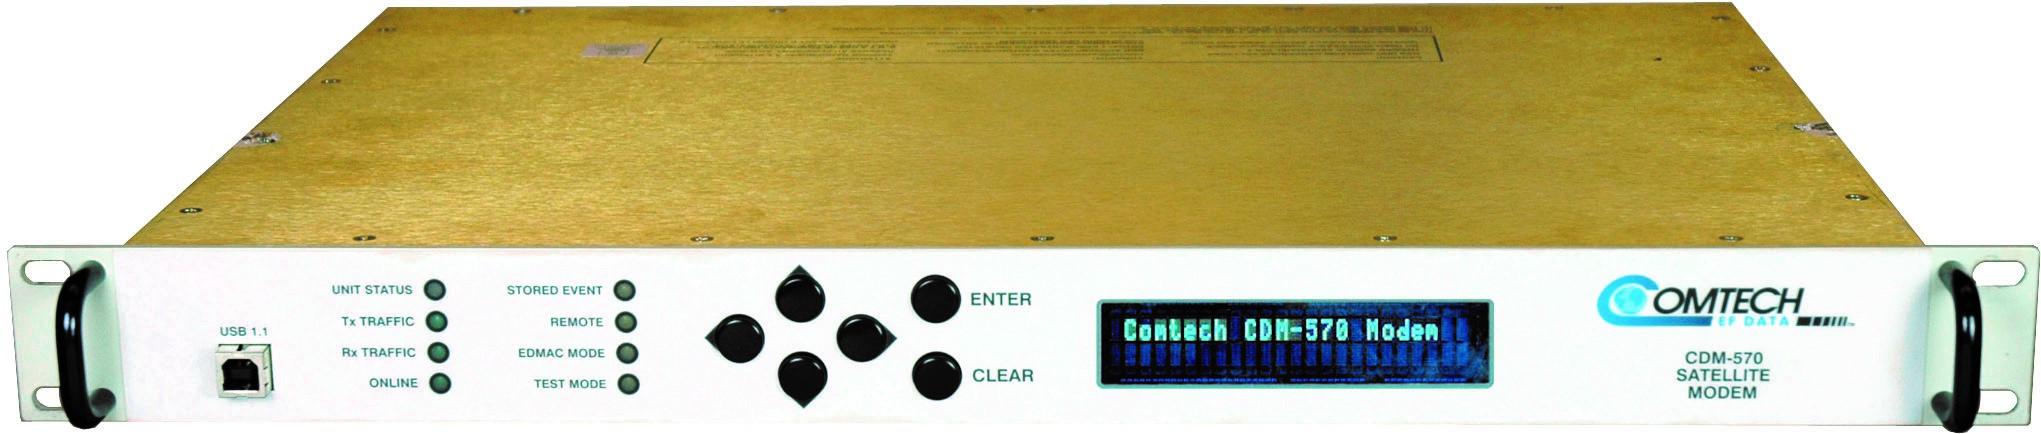 COMTECH CDM-570 IF